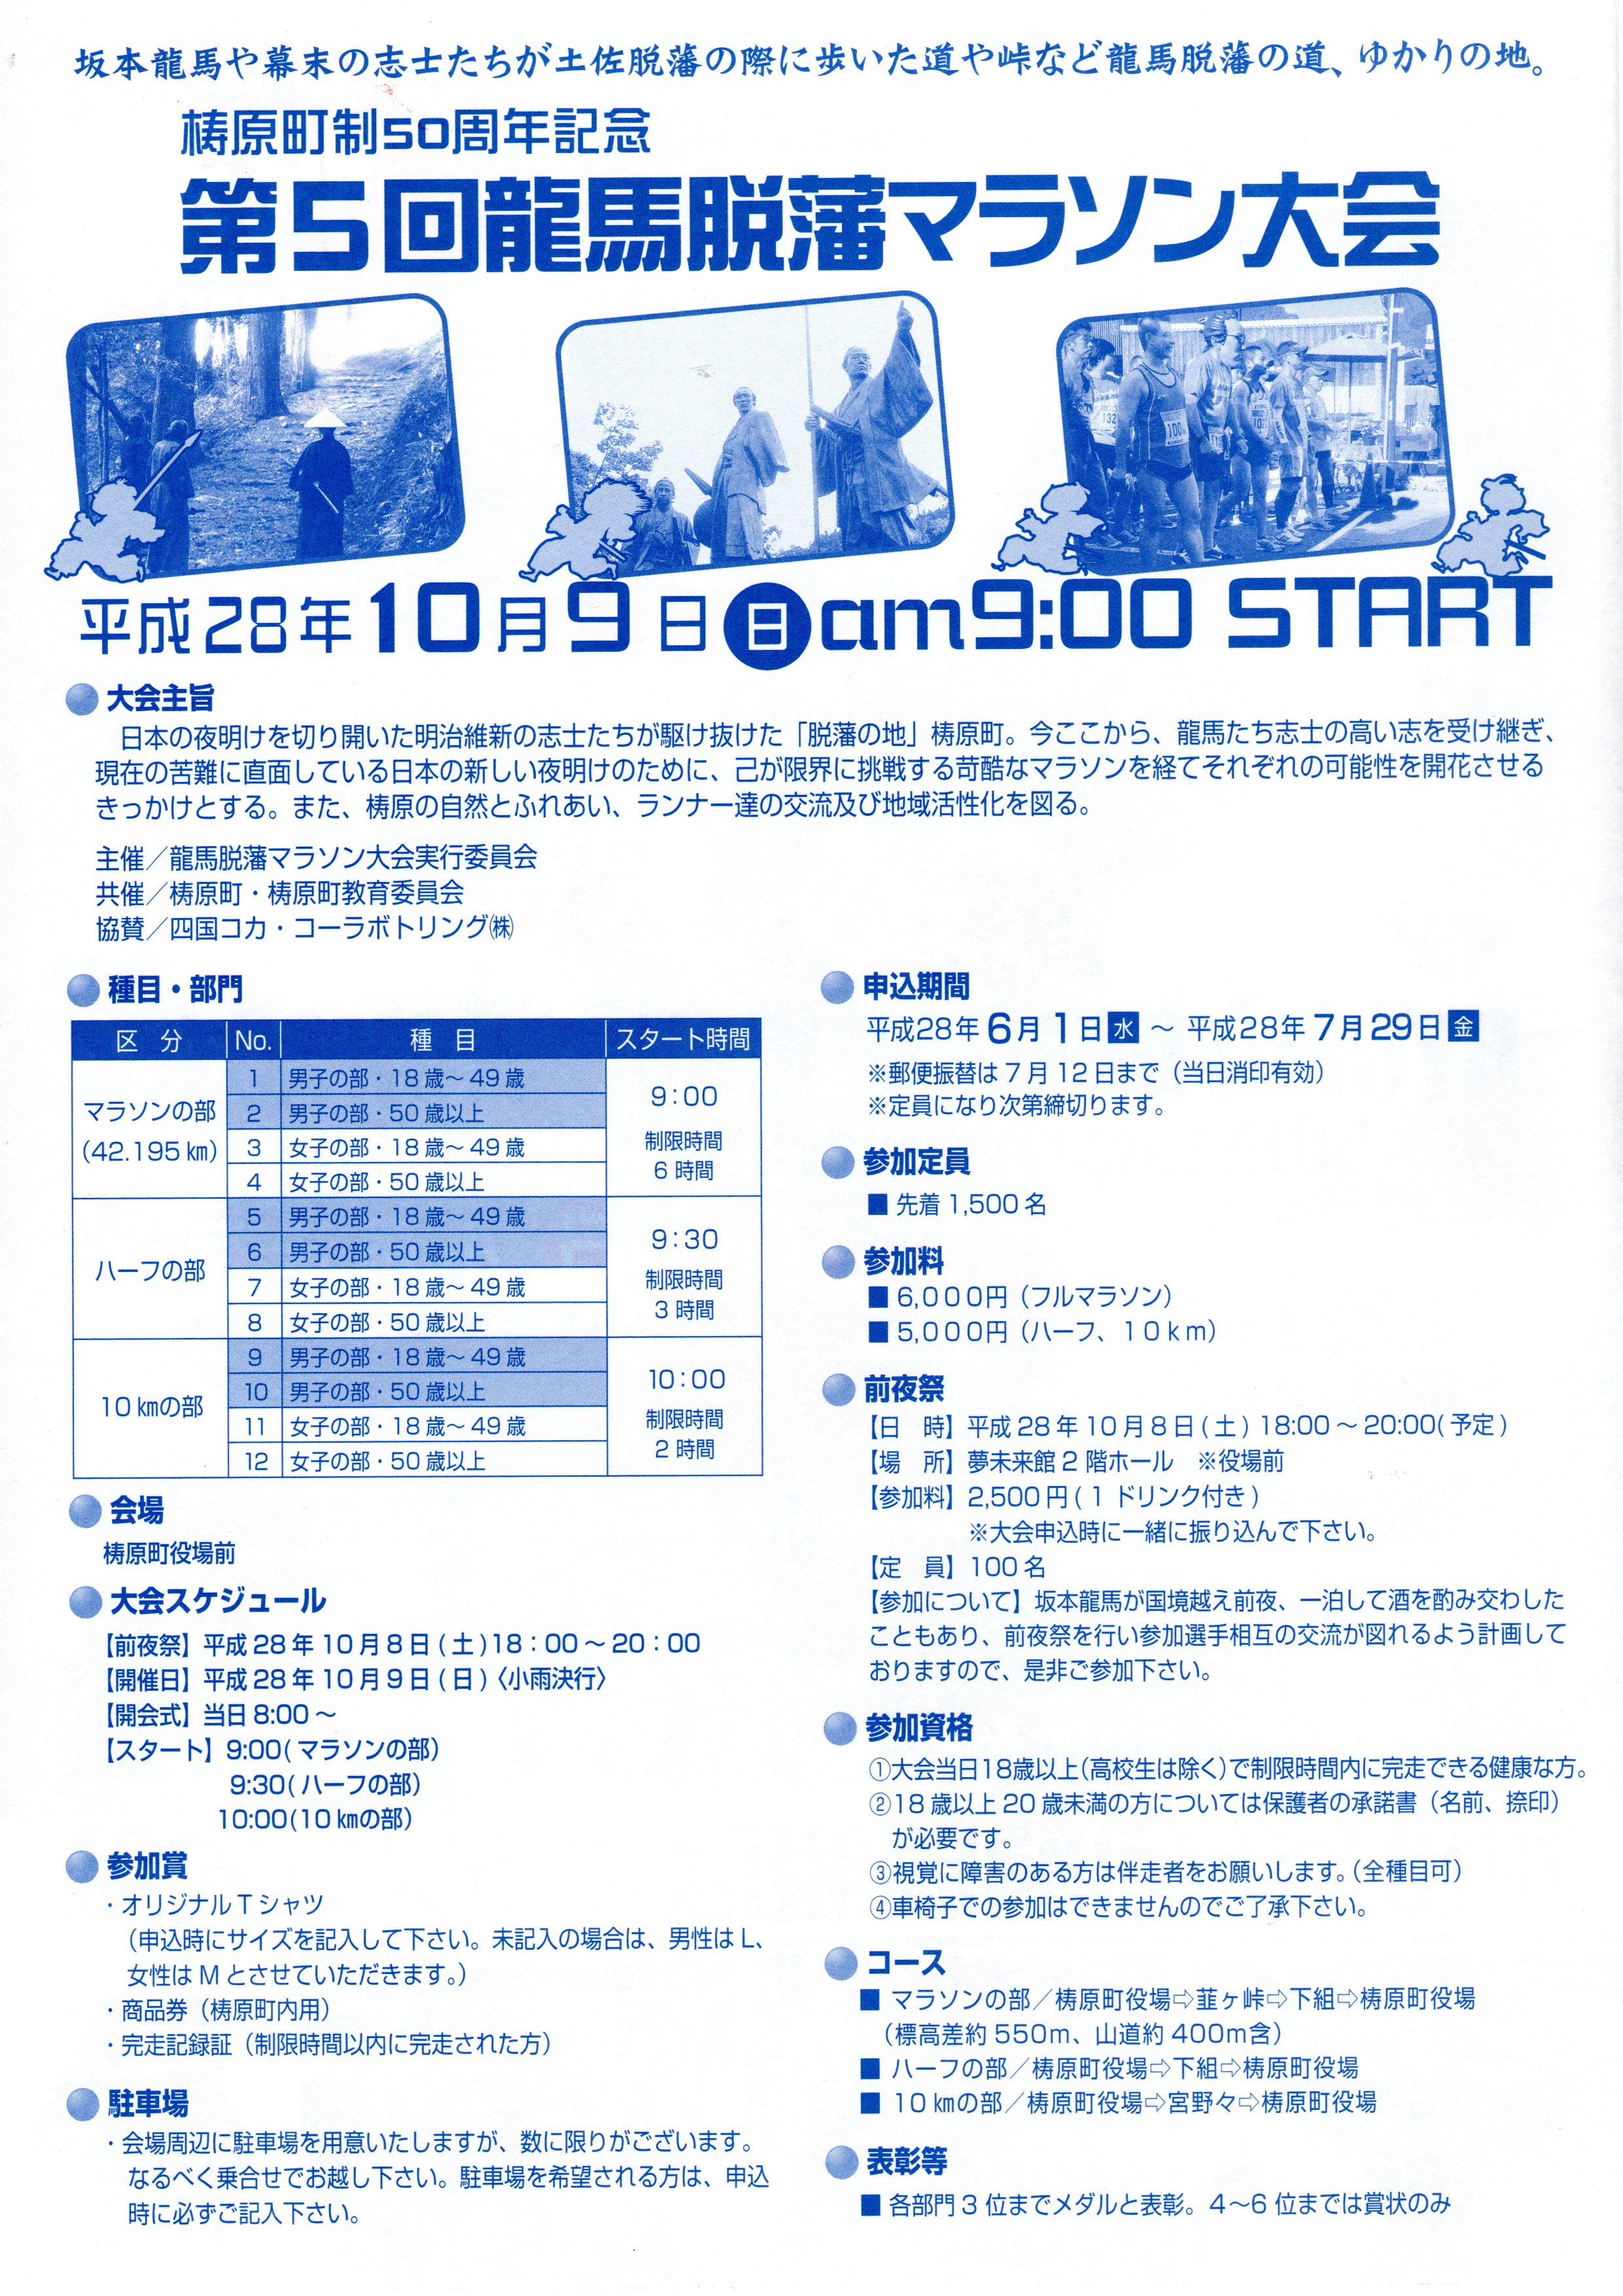 龍馬脱藩マラソン詳細200